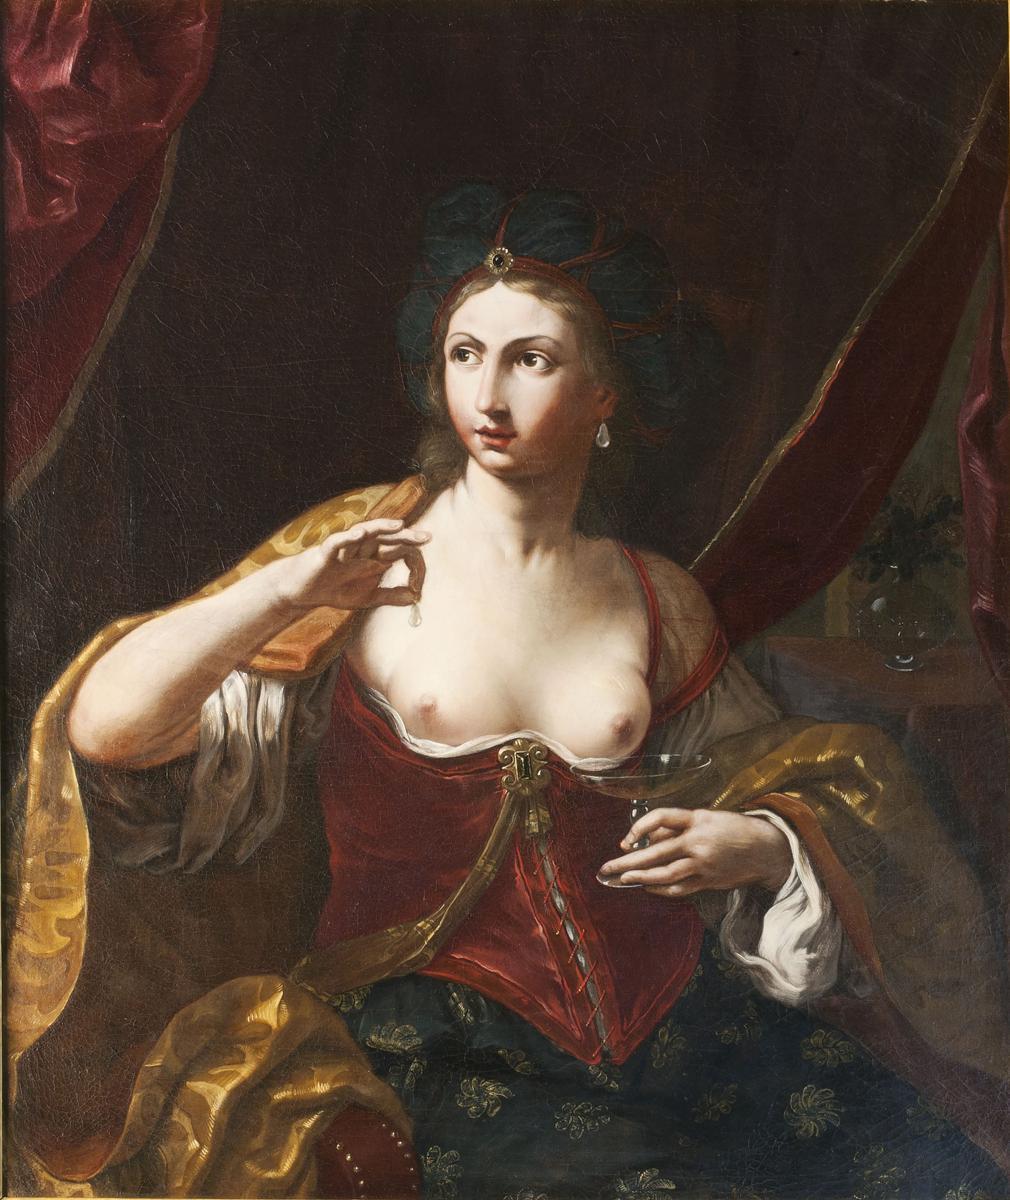 Le Signore dell'Arte Elisabetta Sirani Cleopatra, 1664, Olio su tela, 110×91 cm. Olio su tela, 141×108 cm. Collezione Privata